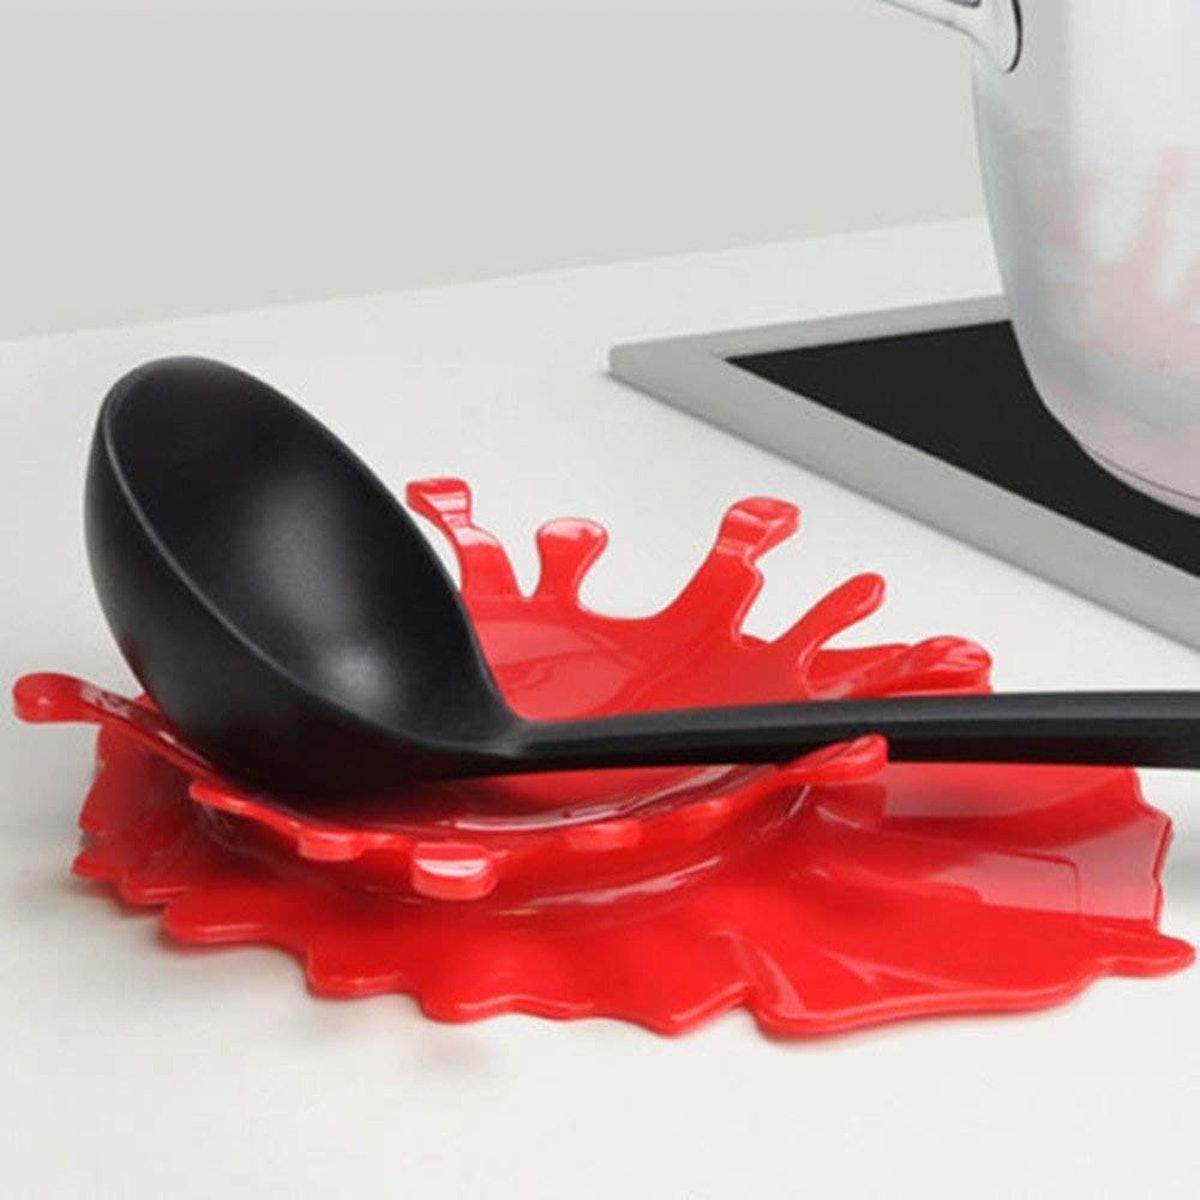 Flinelife Spoon Rest